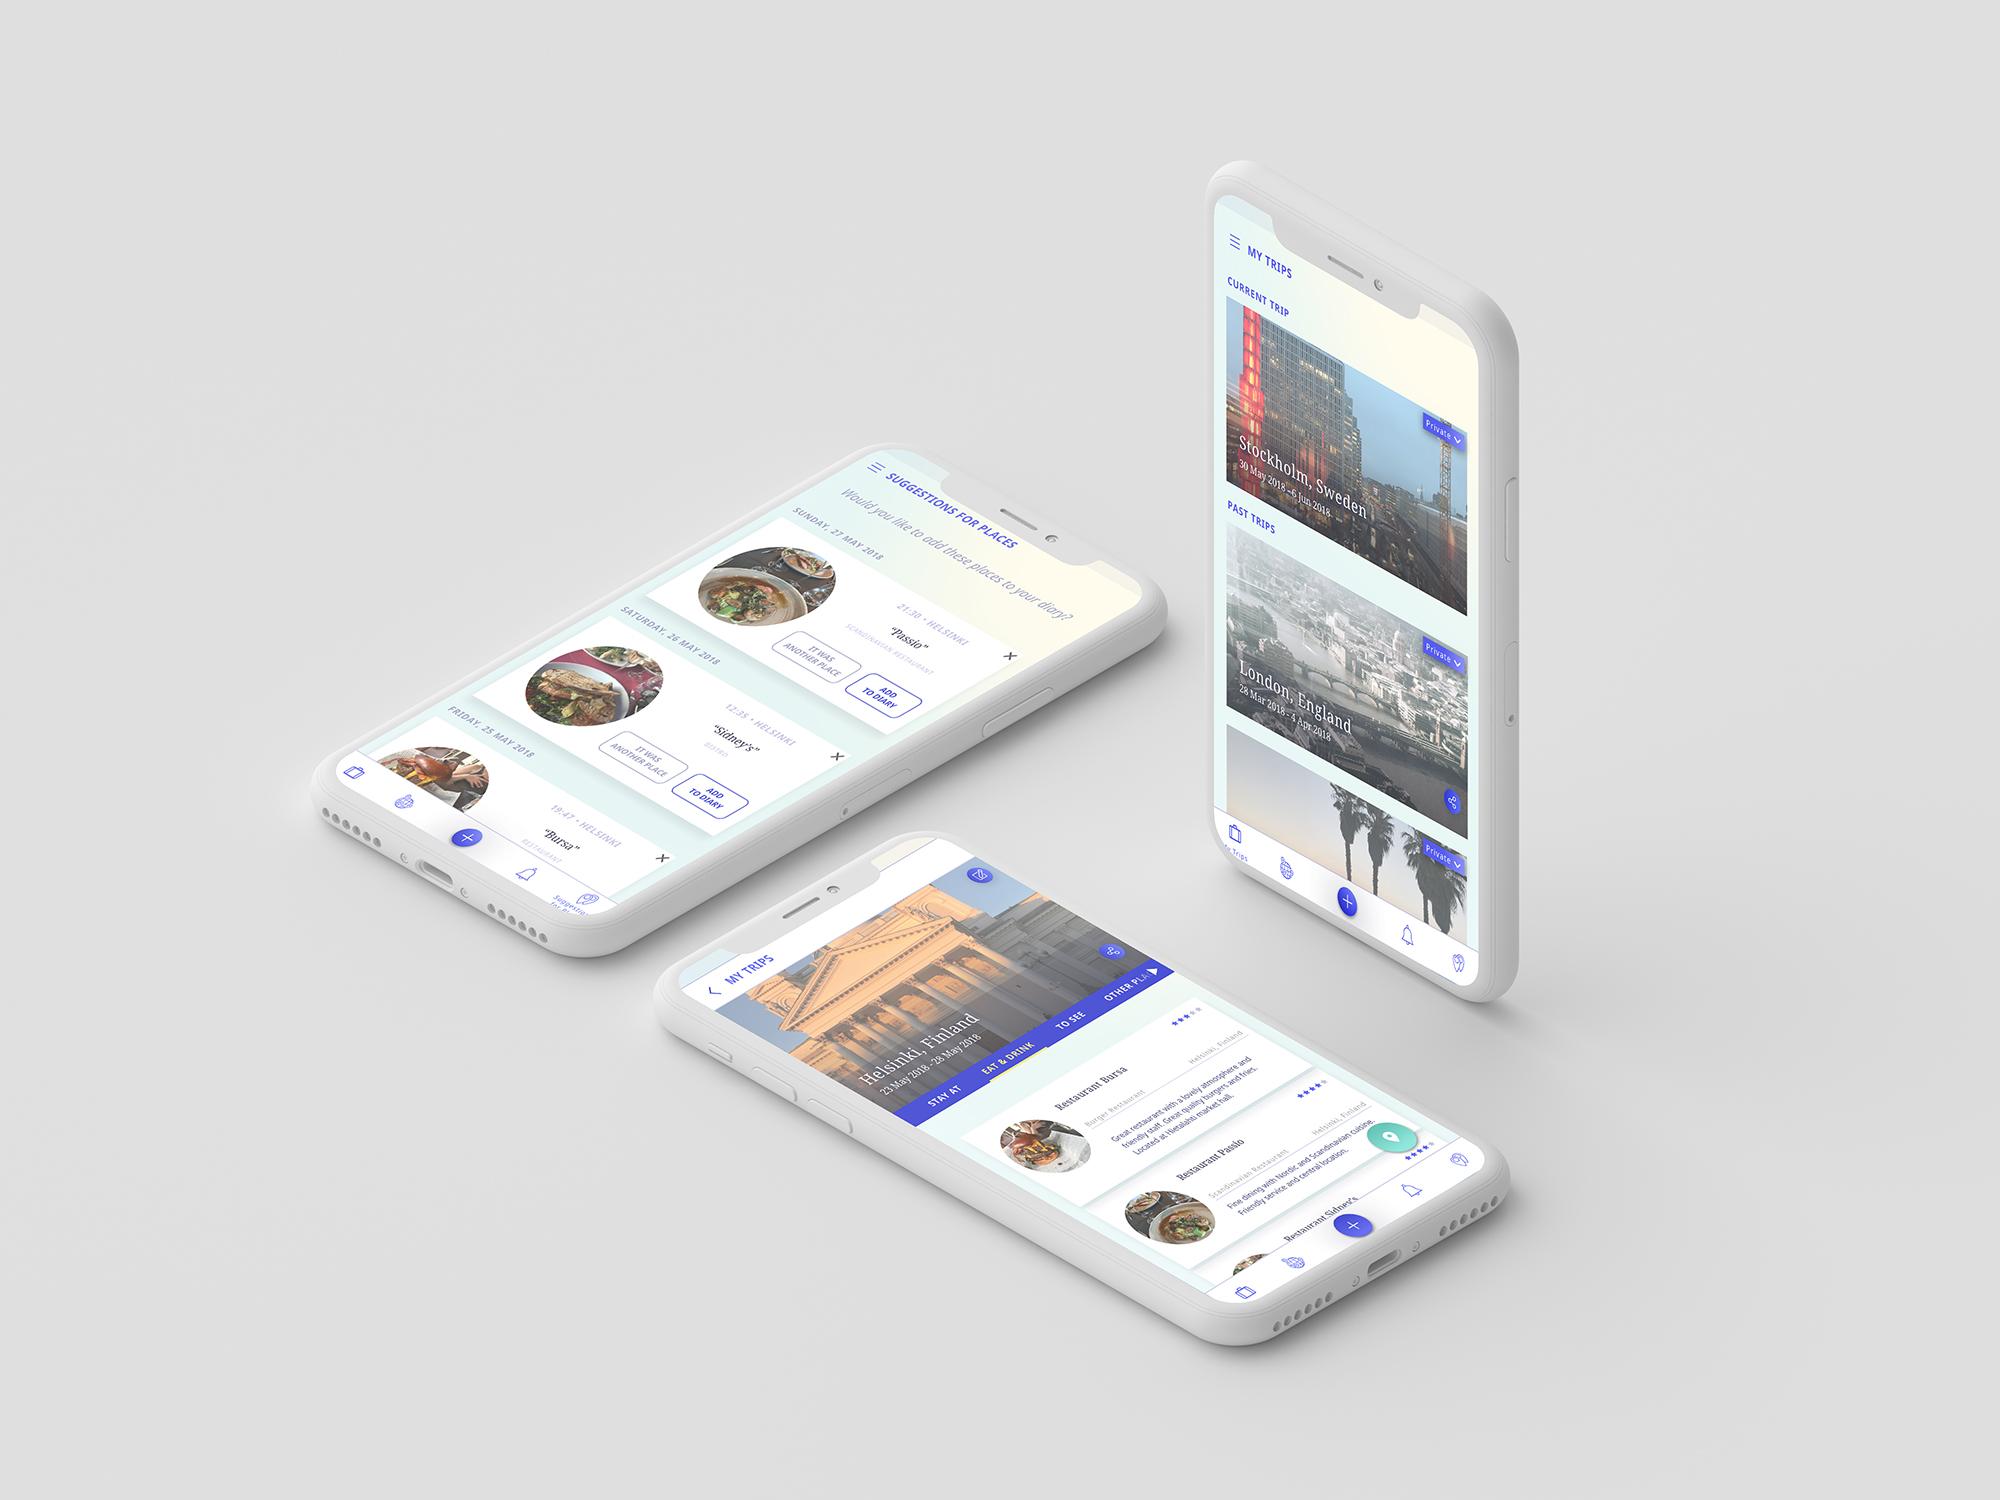 App_UI_iPhone_iOS_Wowanders.jpg